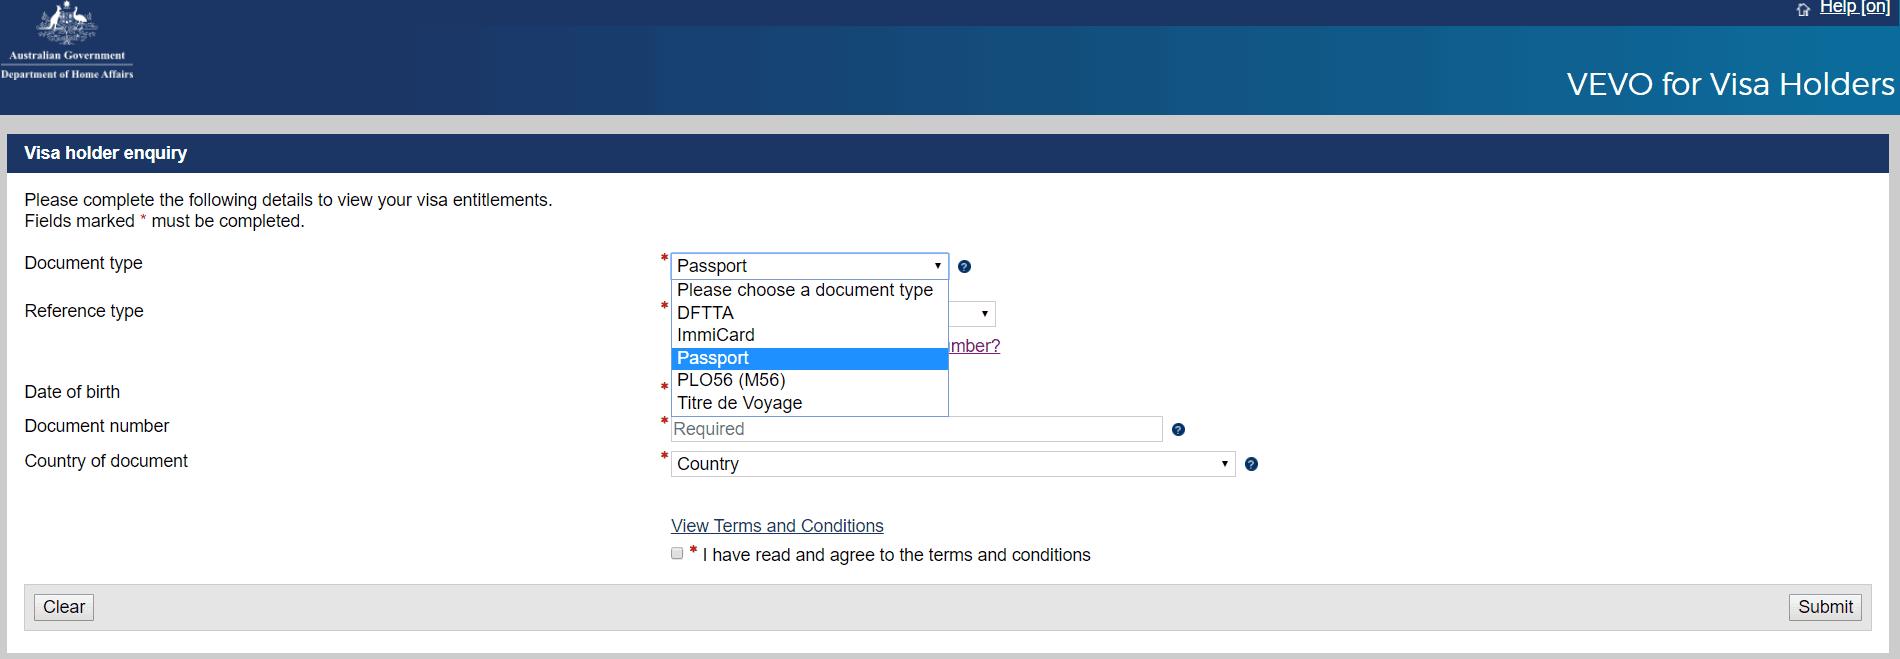 VEVO | Australia Visa Check | My Access Australia